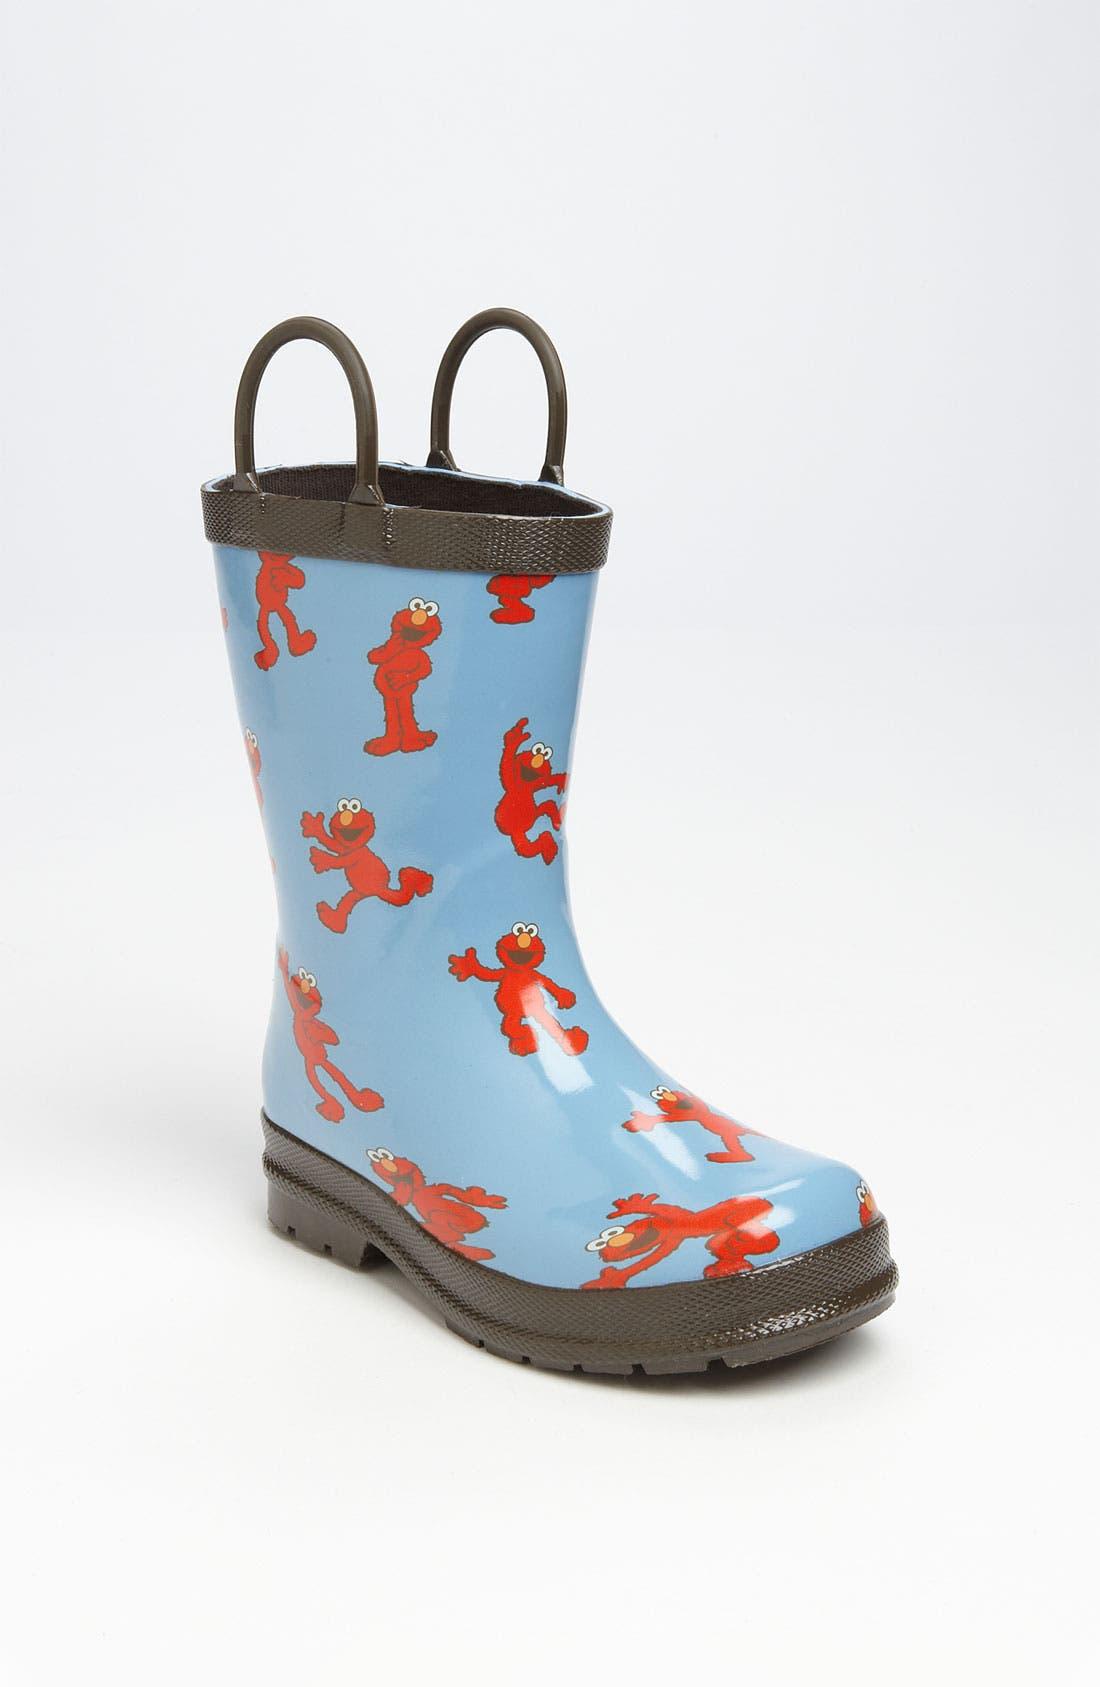 Alternate Image 1 Selected - Hatley 'Sesame Street® - Elmo' Rain Boot (Walker & Toddler)